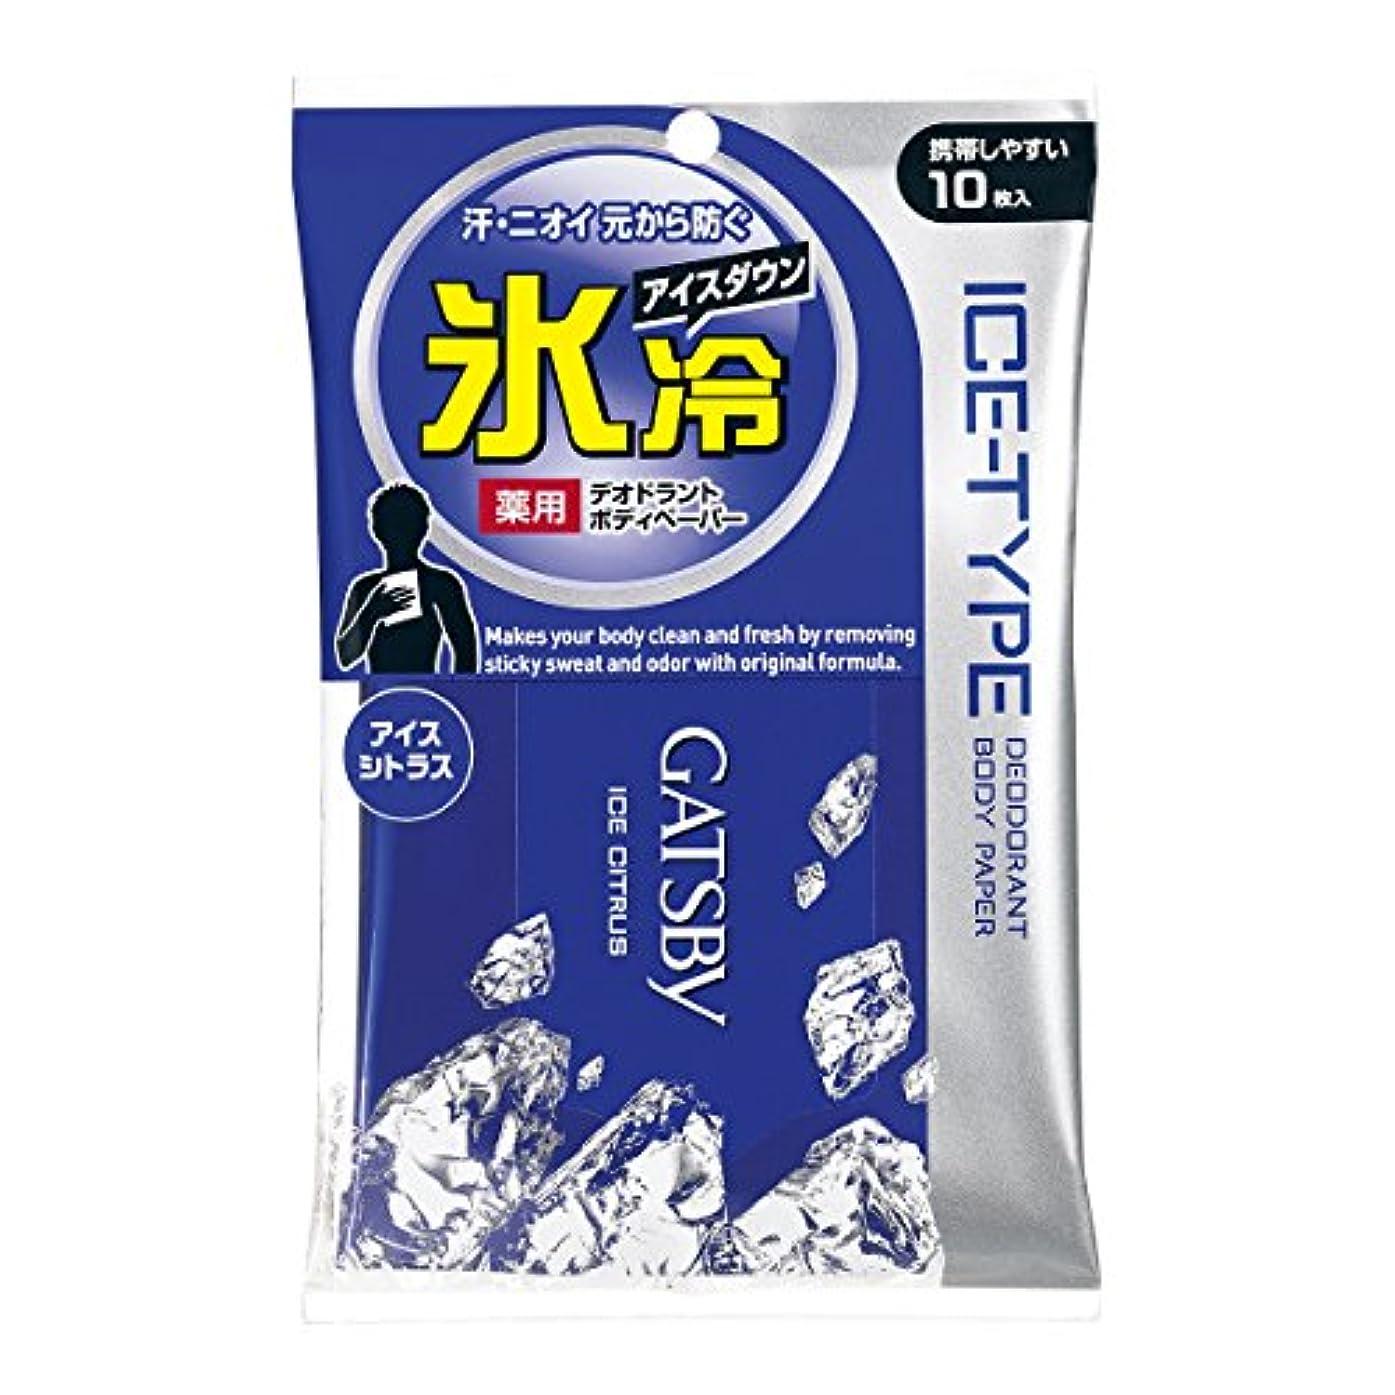 力強い故障細胞GATSBY(ギャツビー) アイスデオドラント ボディペーパー アイスシトラス 10枚 (医薬部外品)